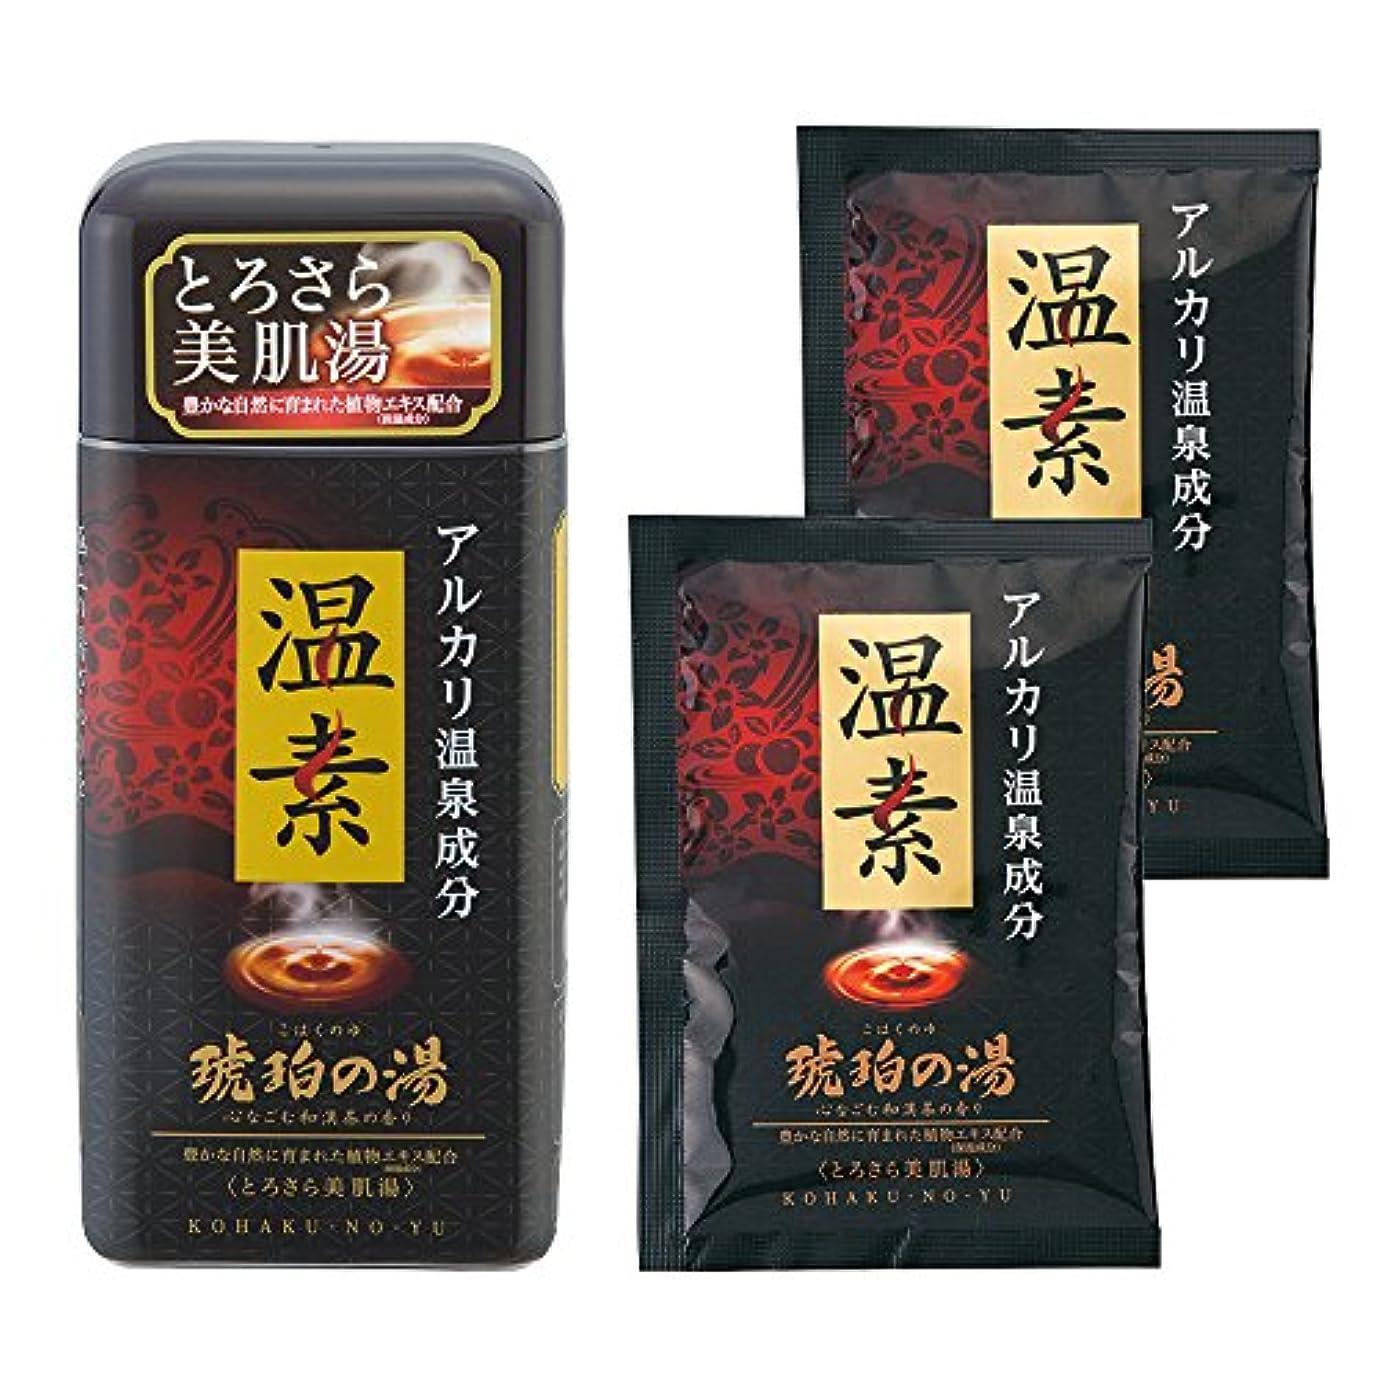 舗装口径【医薬部外品】【分包2包付】温素 入浴剤 琥珀の湯 [600g + 分包2包]